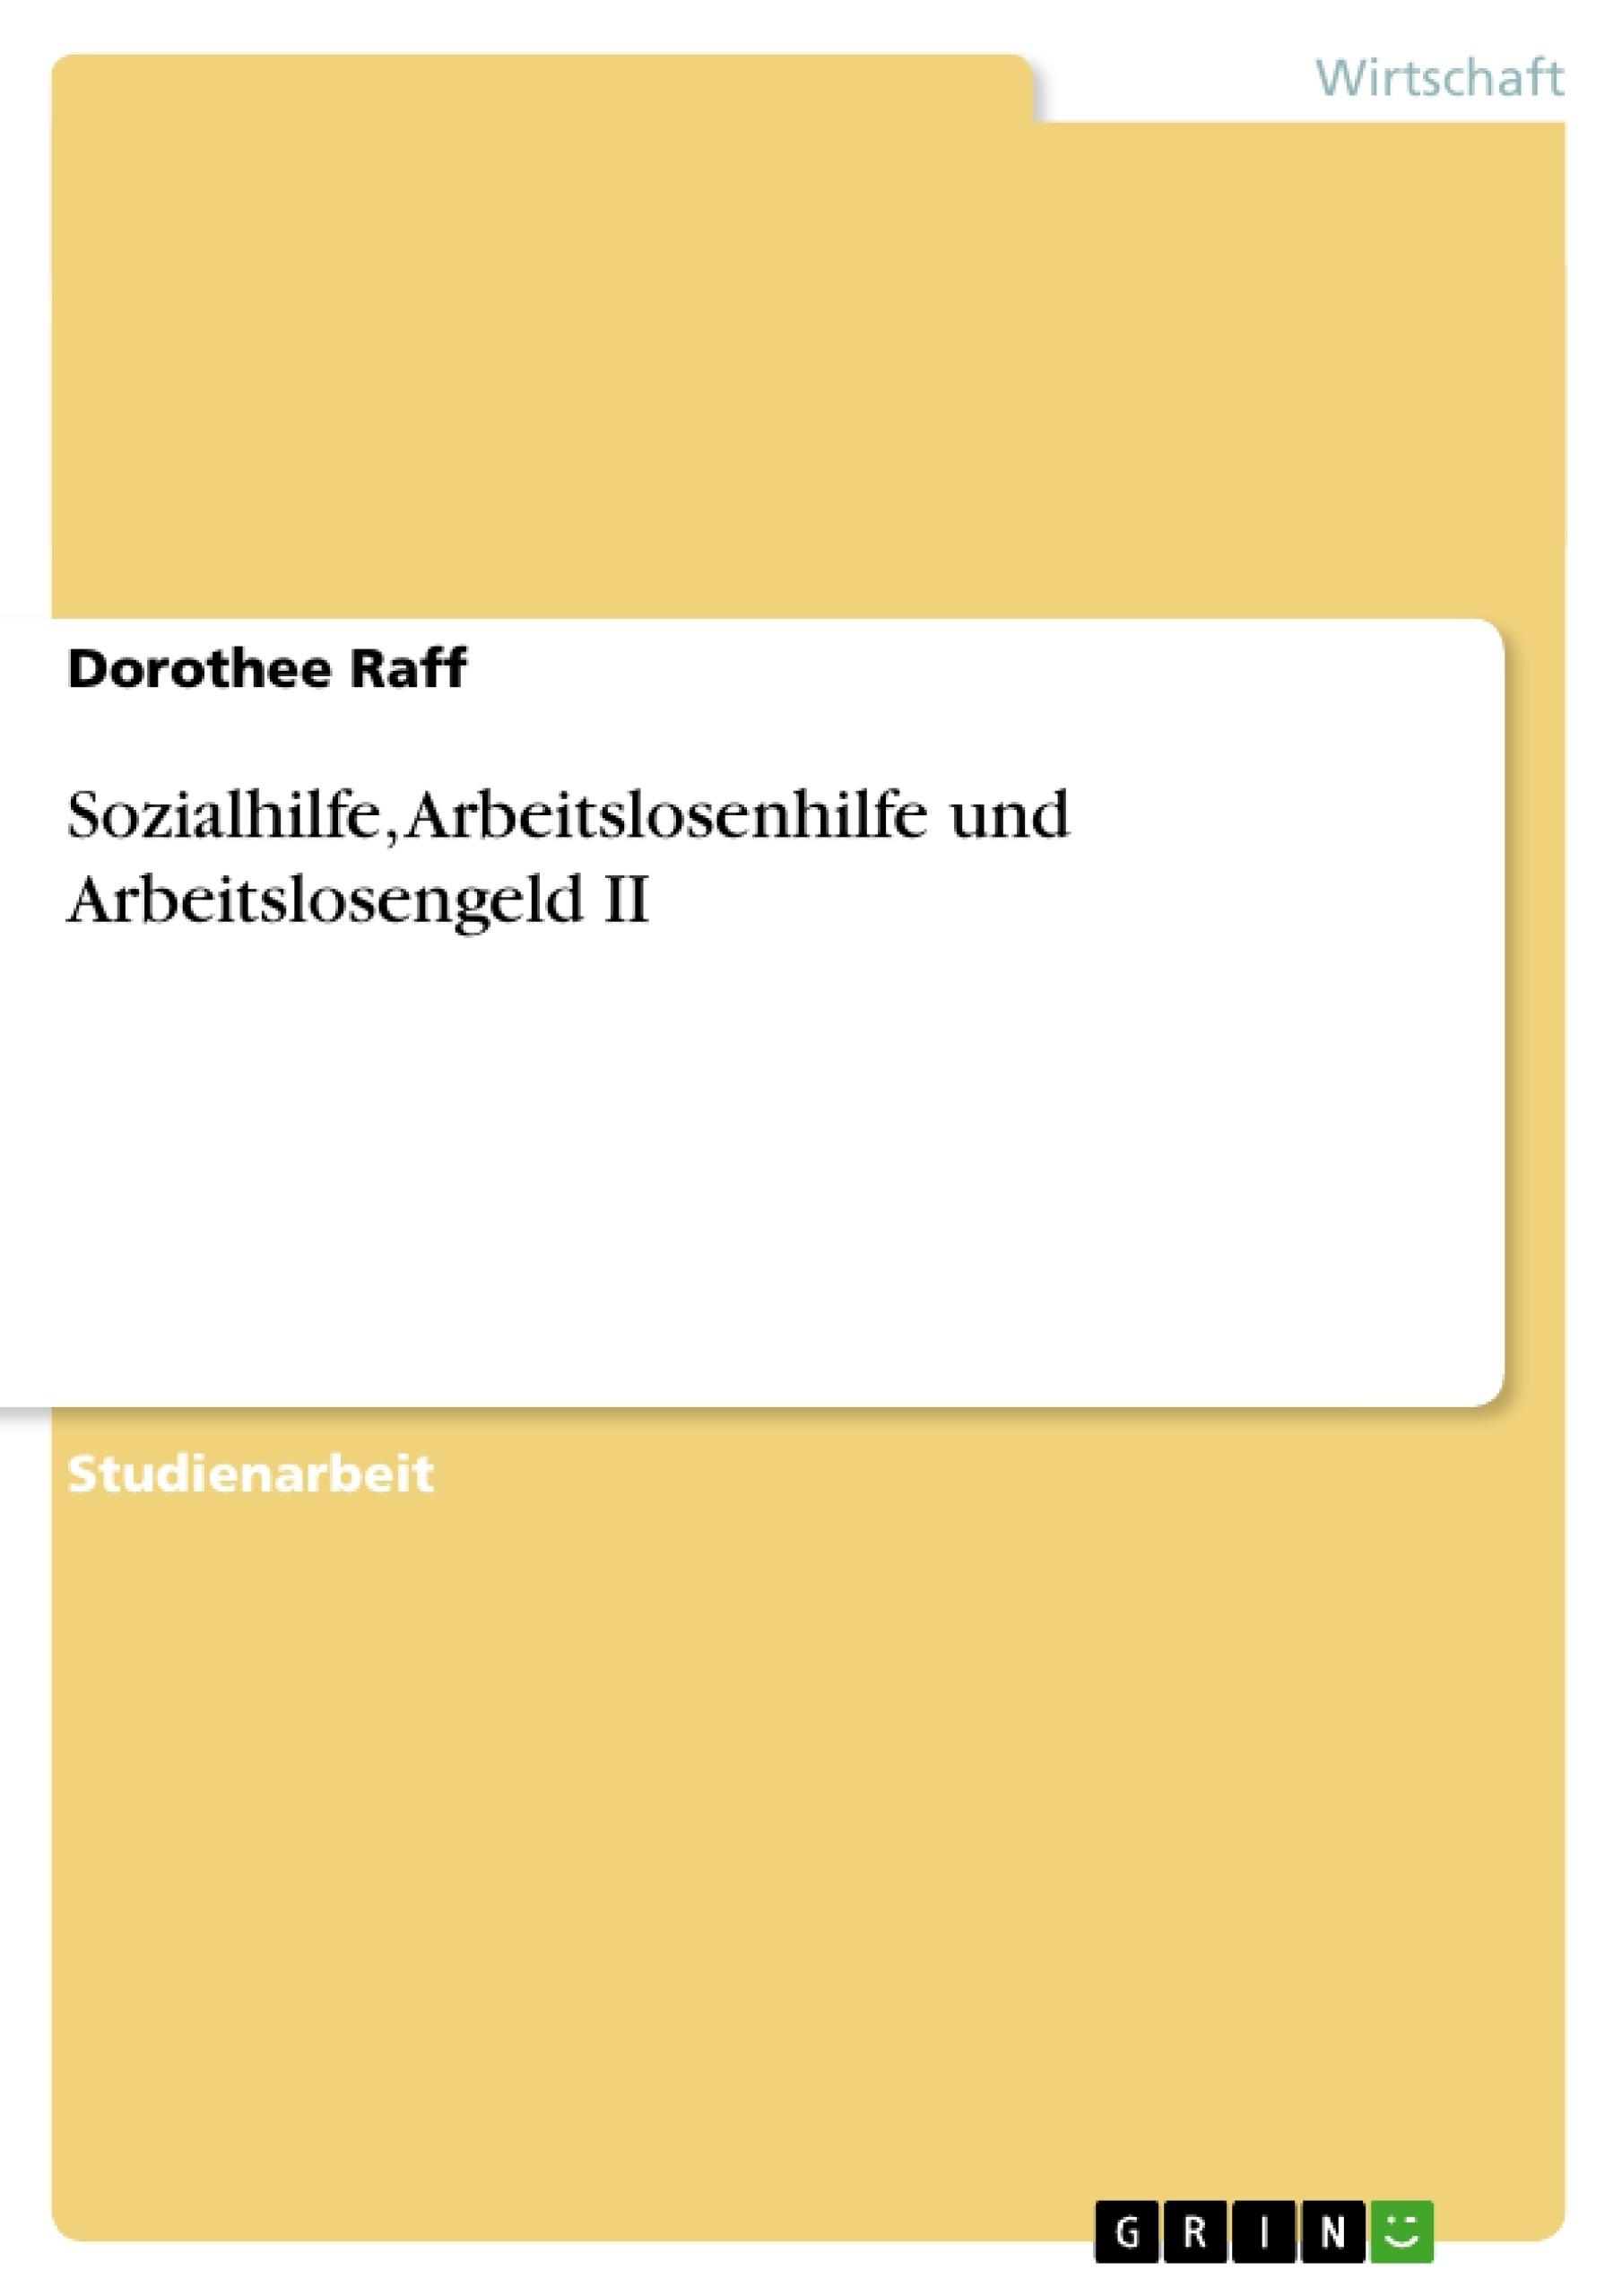 Titel: Sozialhilfe, Arbeitslosenhilfe und Arbeitslosengeld II